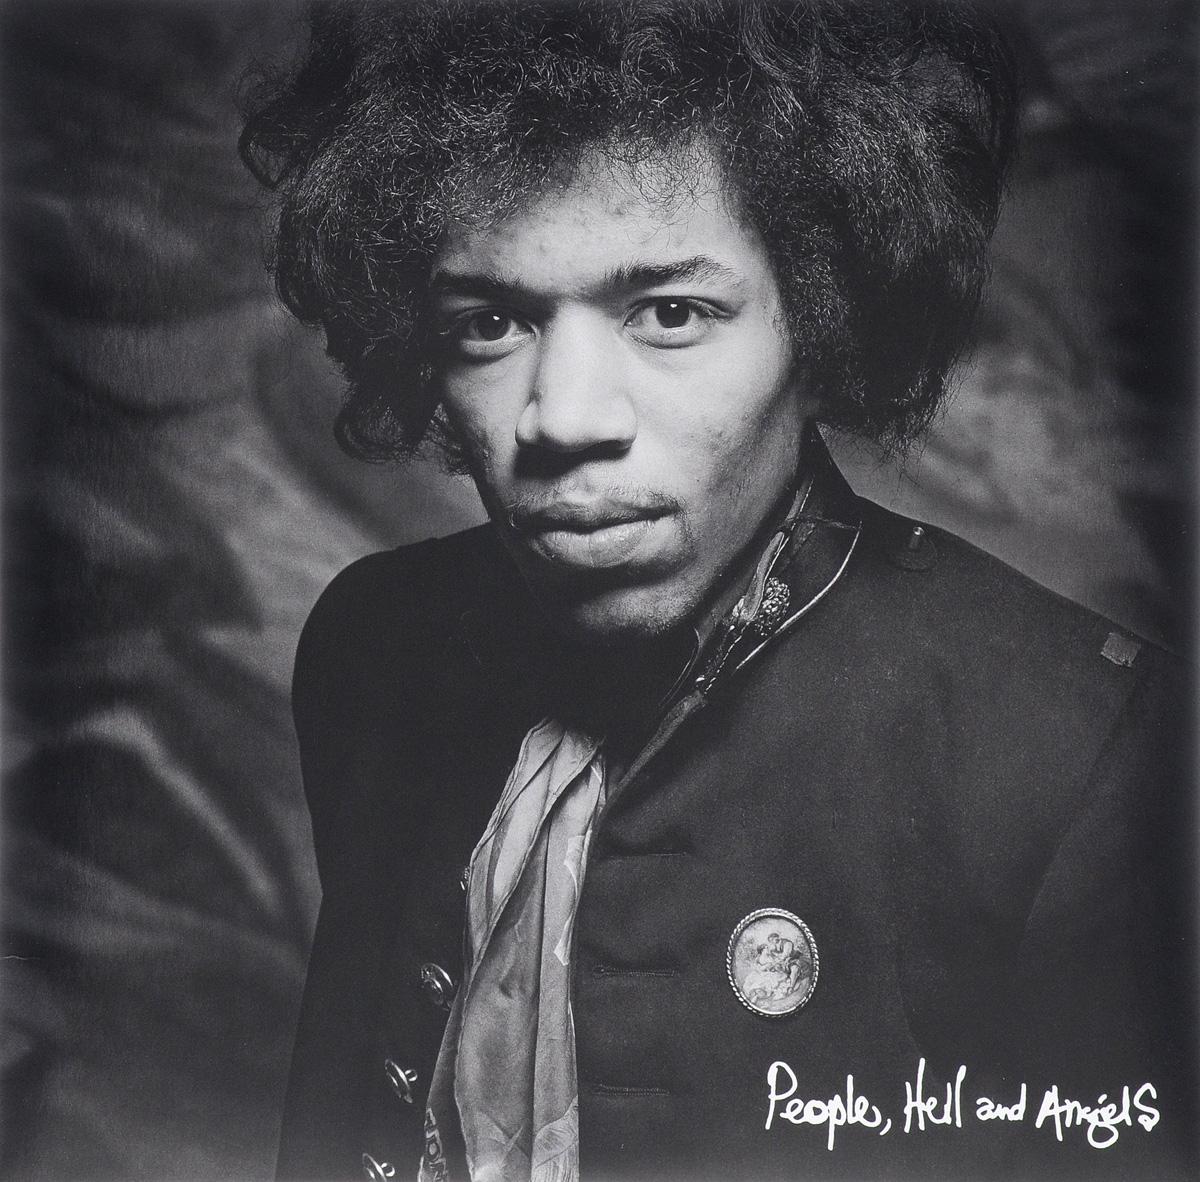 джими хендрикс jimi hendrix experience hendrix the best of jimi hendrix 2 lp Джими Хендрикс Jimi Hendrix. People, Hell & Angels (LP)